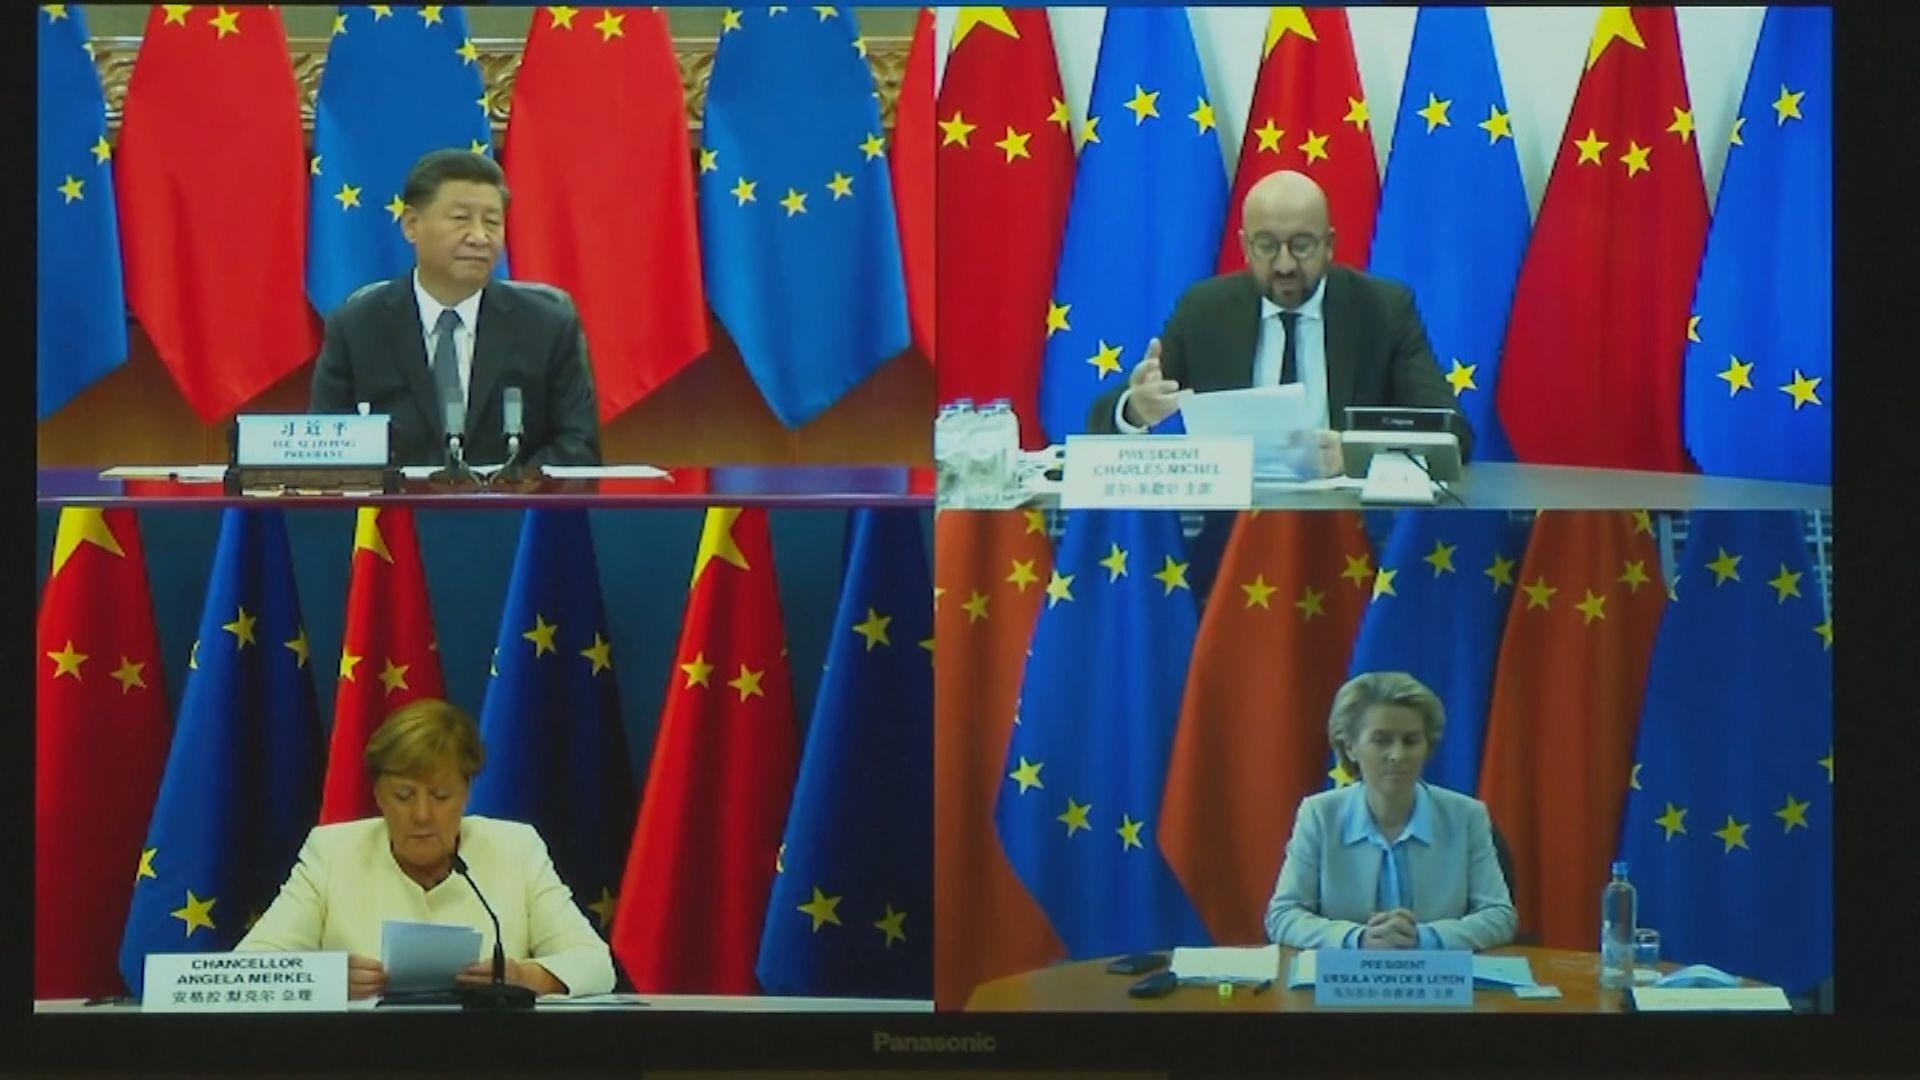 習近平:中歐要堅持和平共處及多邊主義